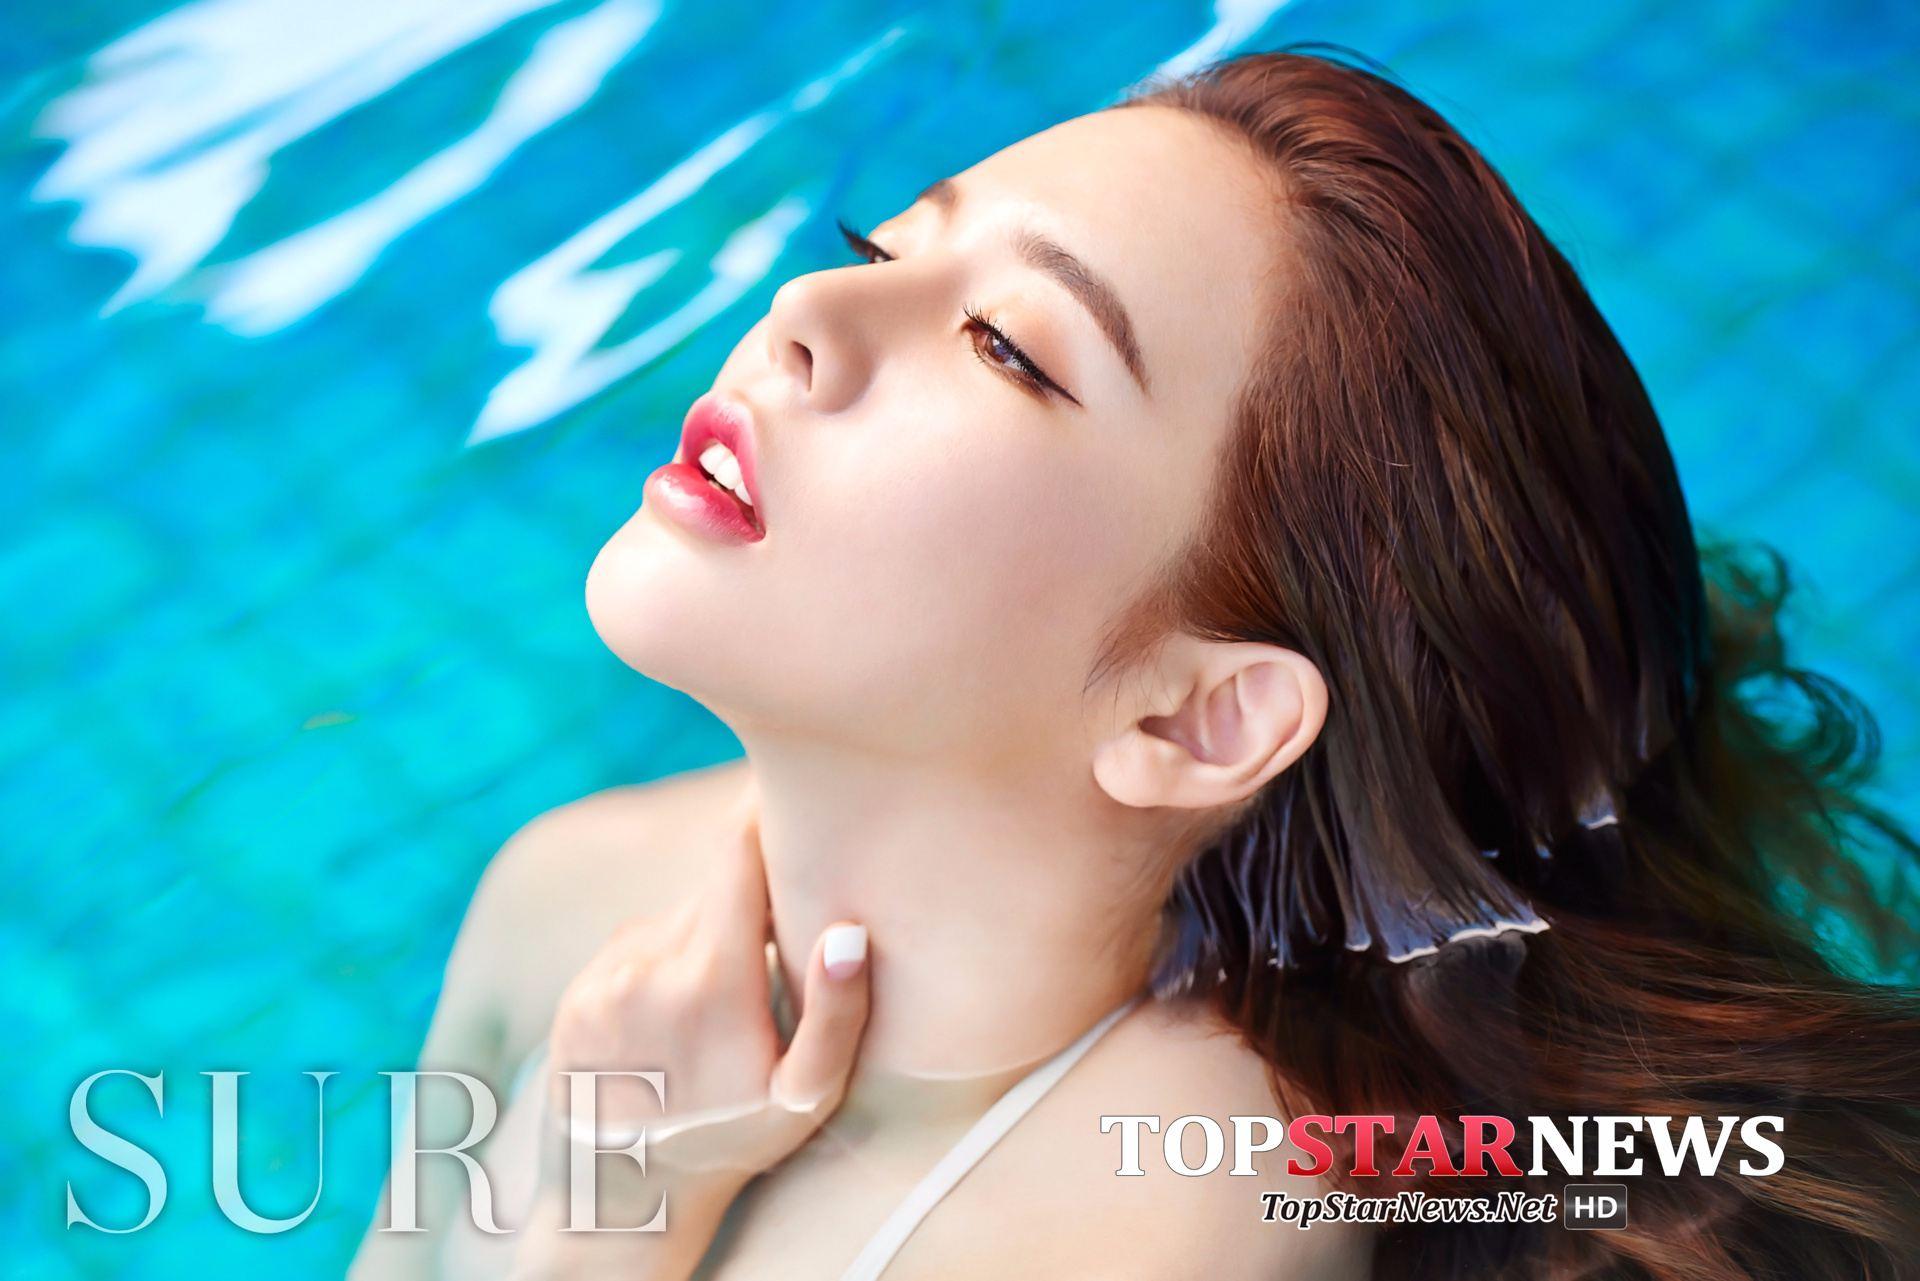 最後要看的是少女時代的Sunny~雖然她在最近拍的雜誌照好有女人味啊~